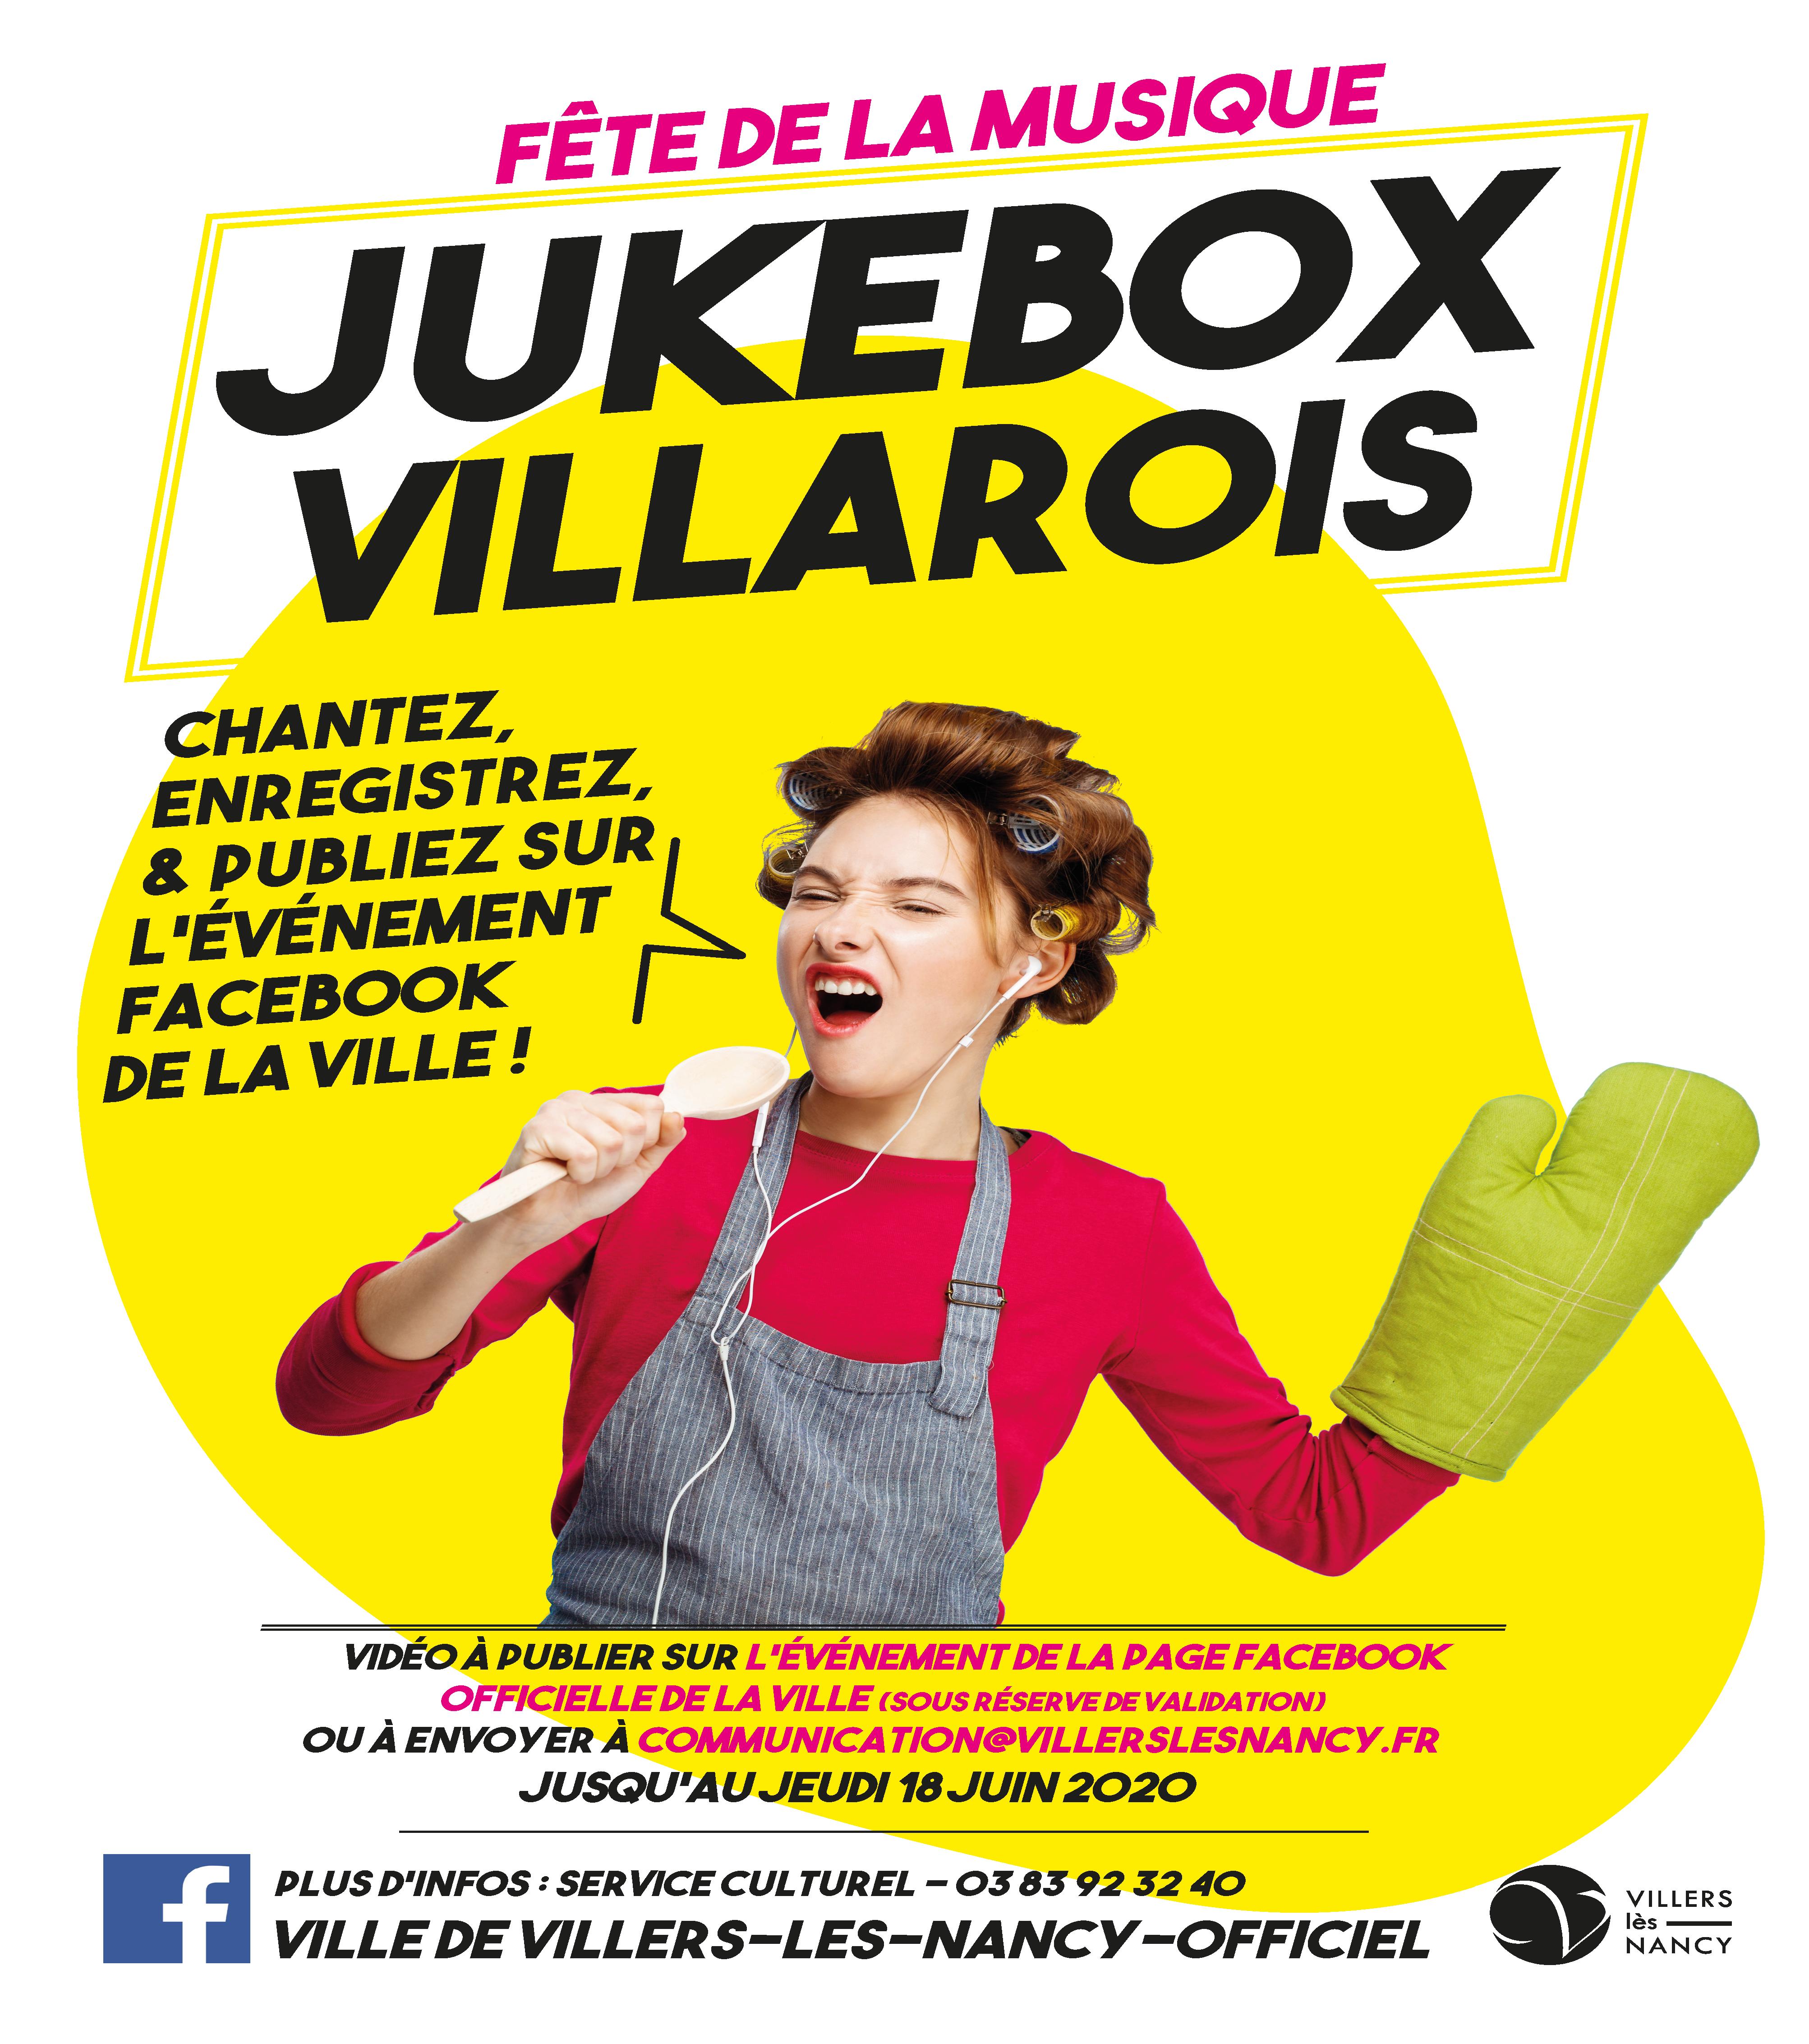 Jukebox villarois